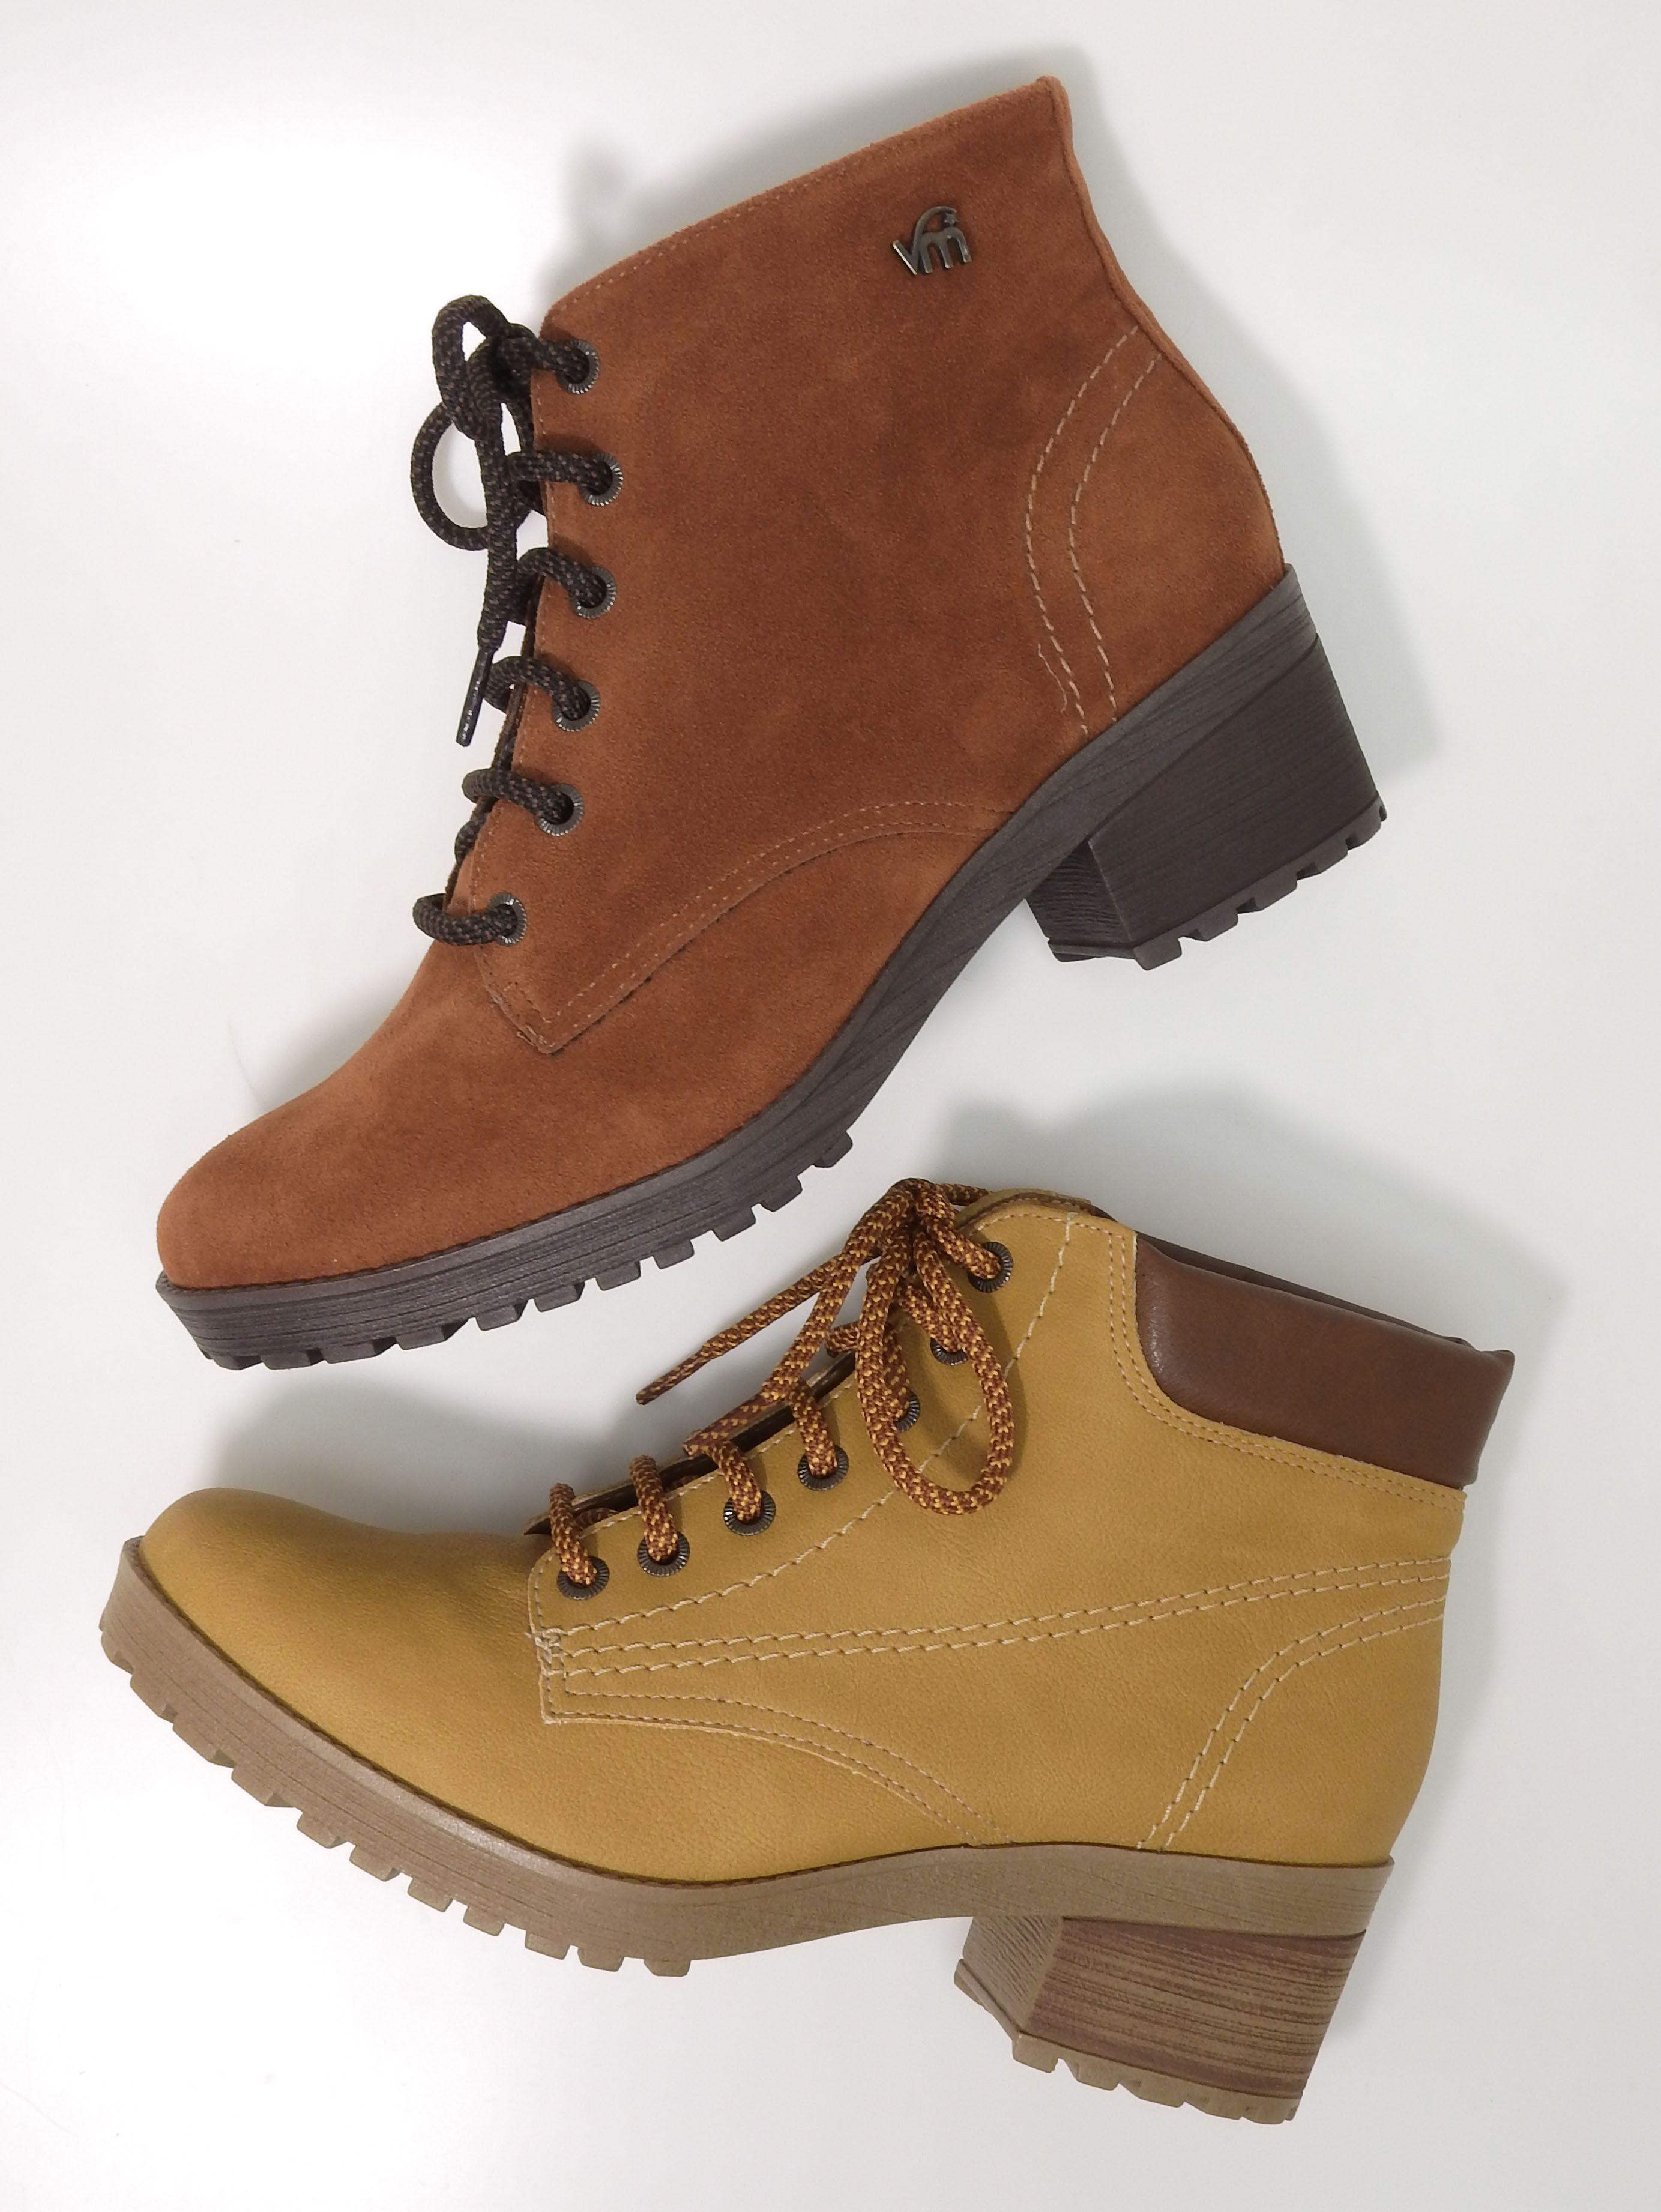 199a1bf9 boots - botas - coturnos - botas de cano curto - Ref. 16-4905 | 16-4906